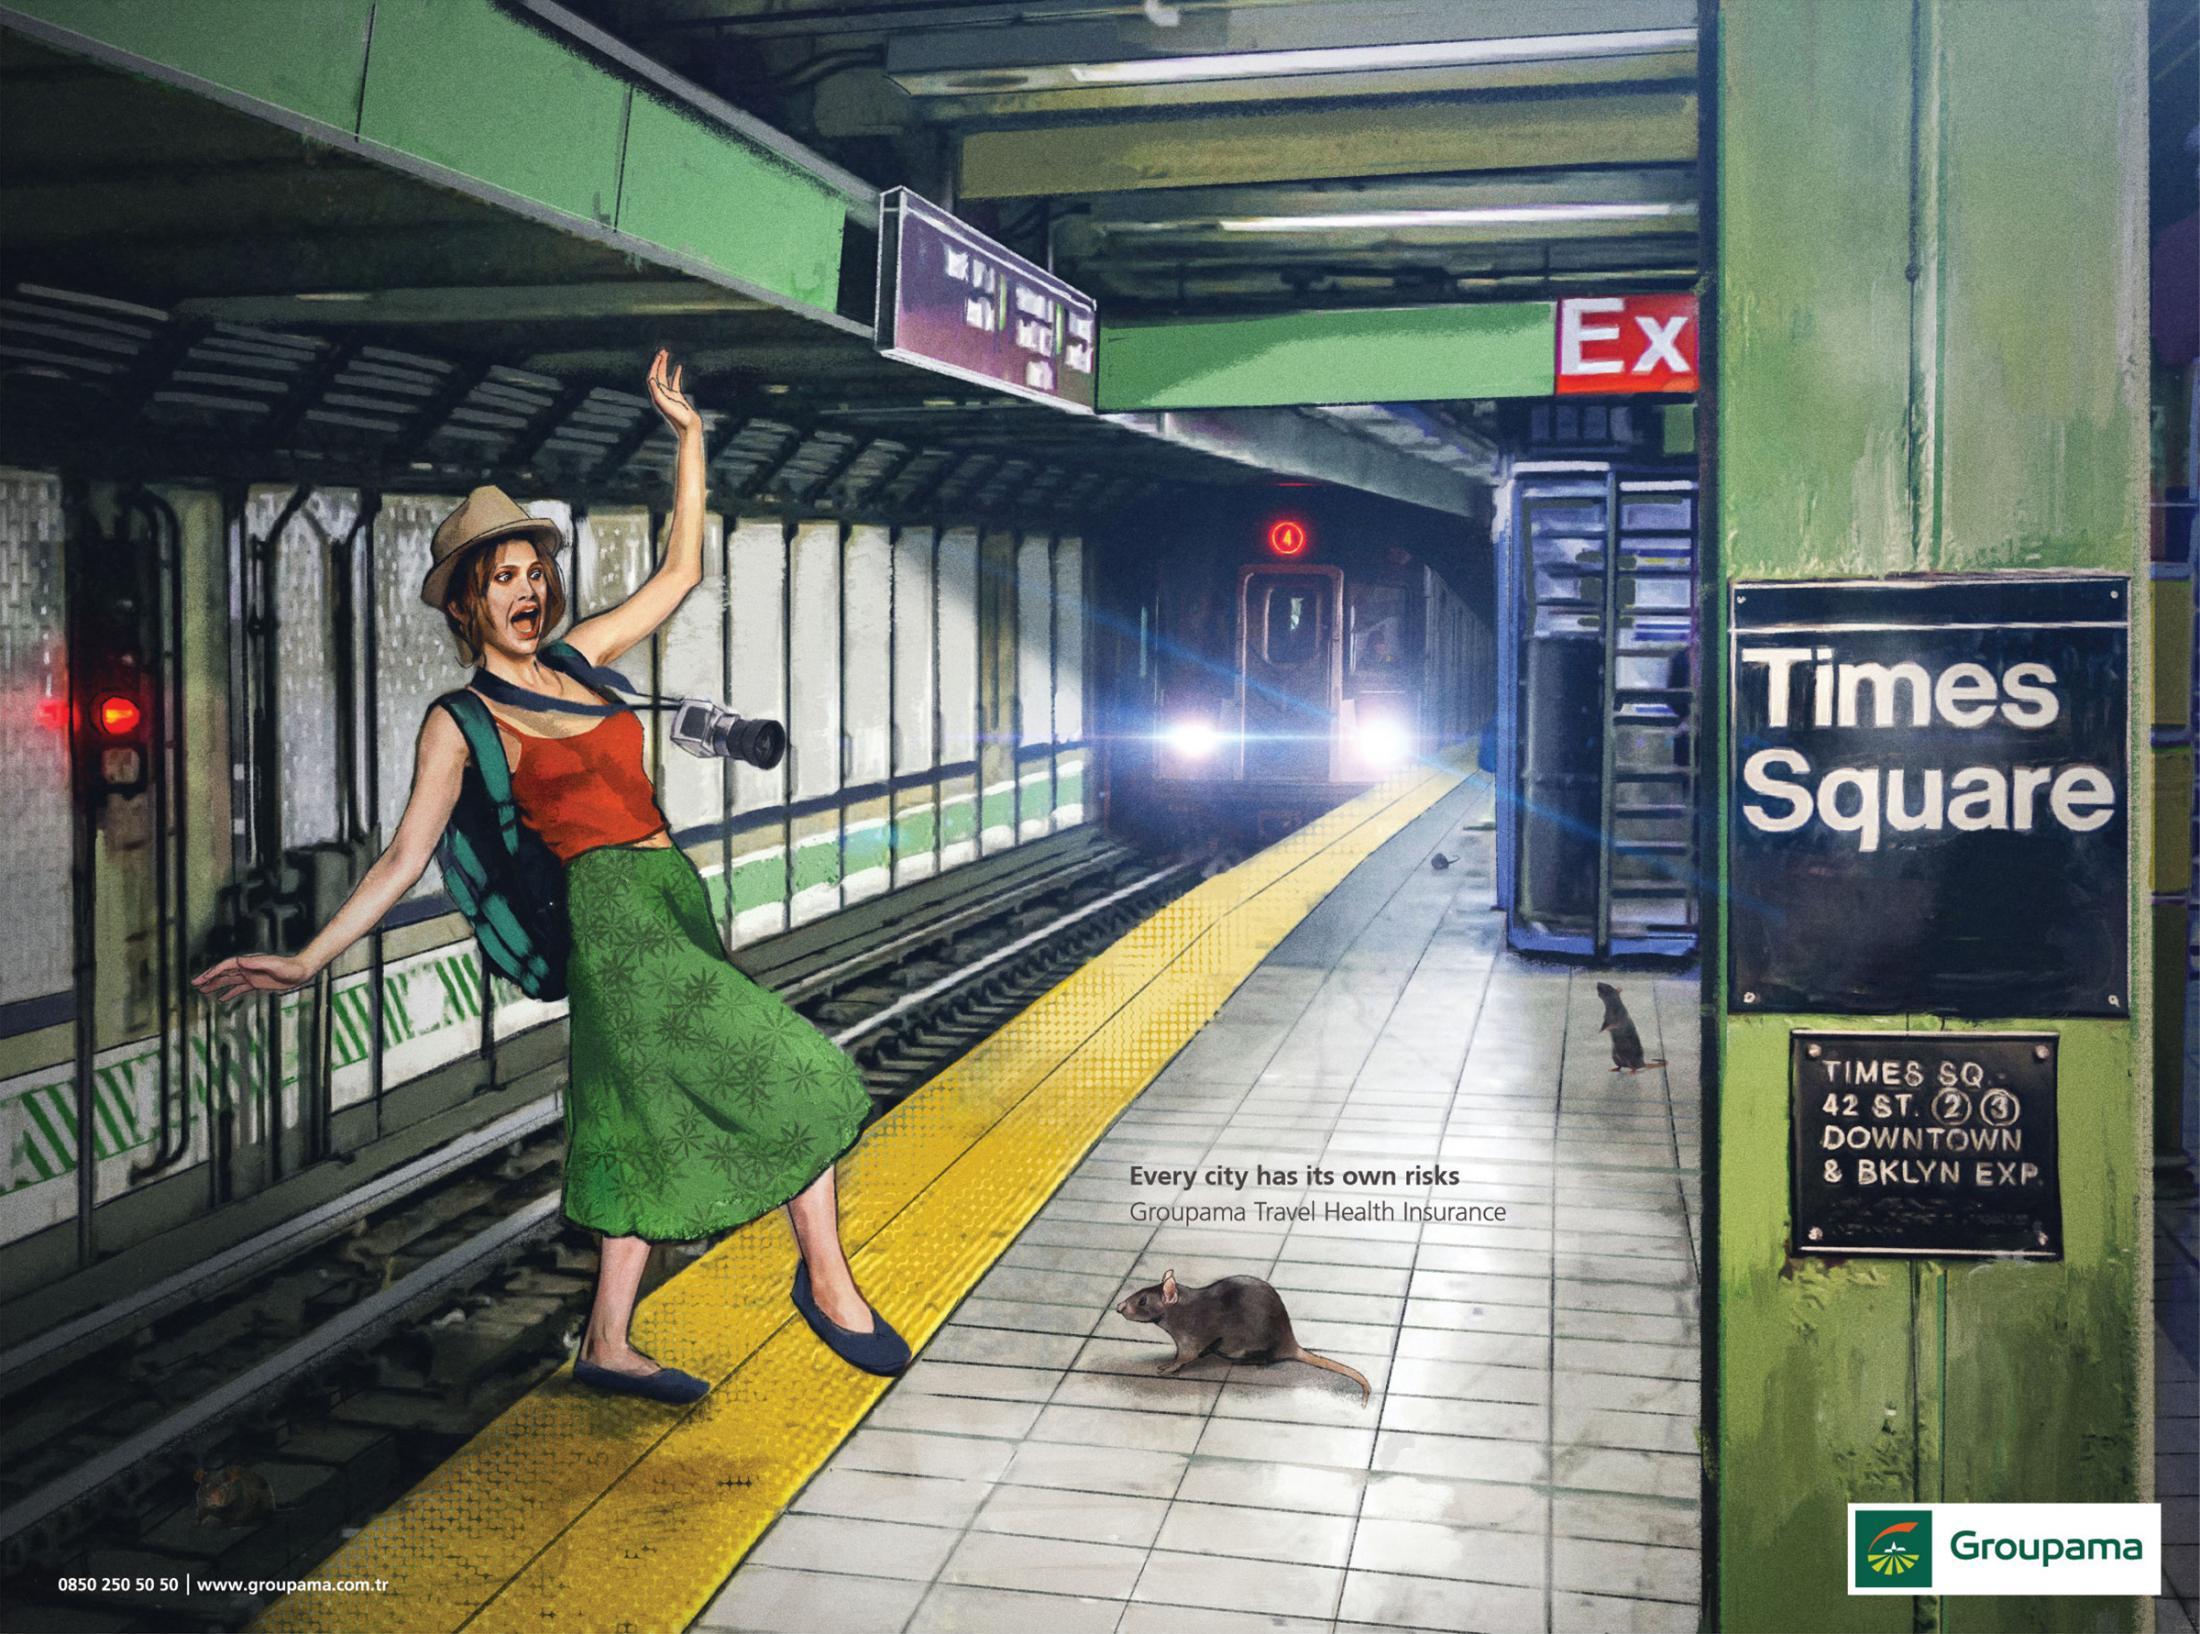 Her Şehrin Kendi Riski Vardır, ABD - GROUPAMA - türkiyenin-reklamları